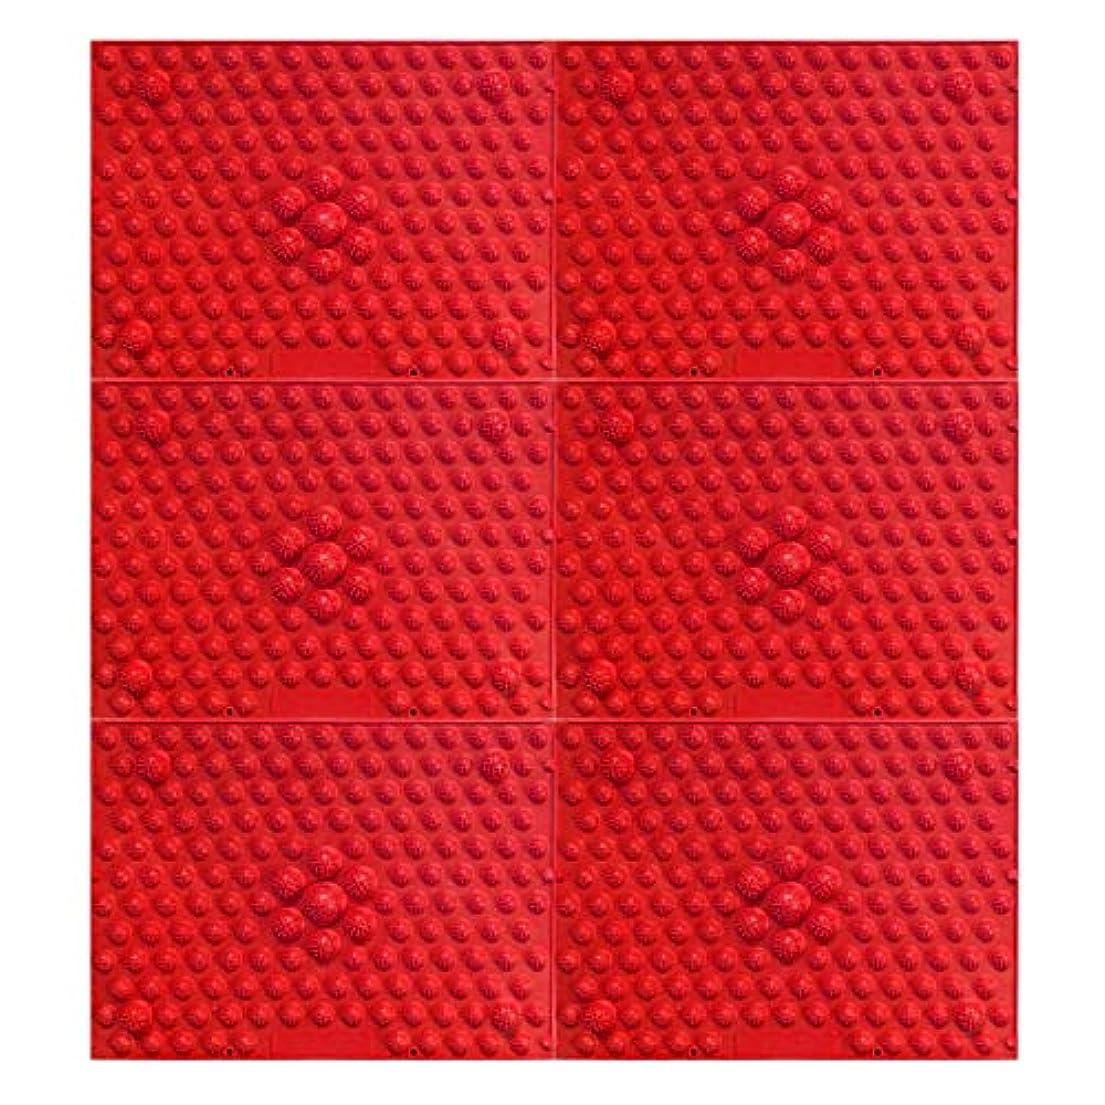 工場鬼ごっこウッズ疲れsirazu(足踏みマット)ピンク6枚セット (赤)